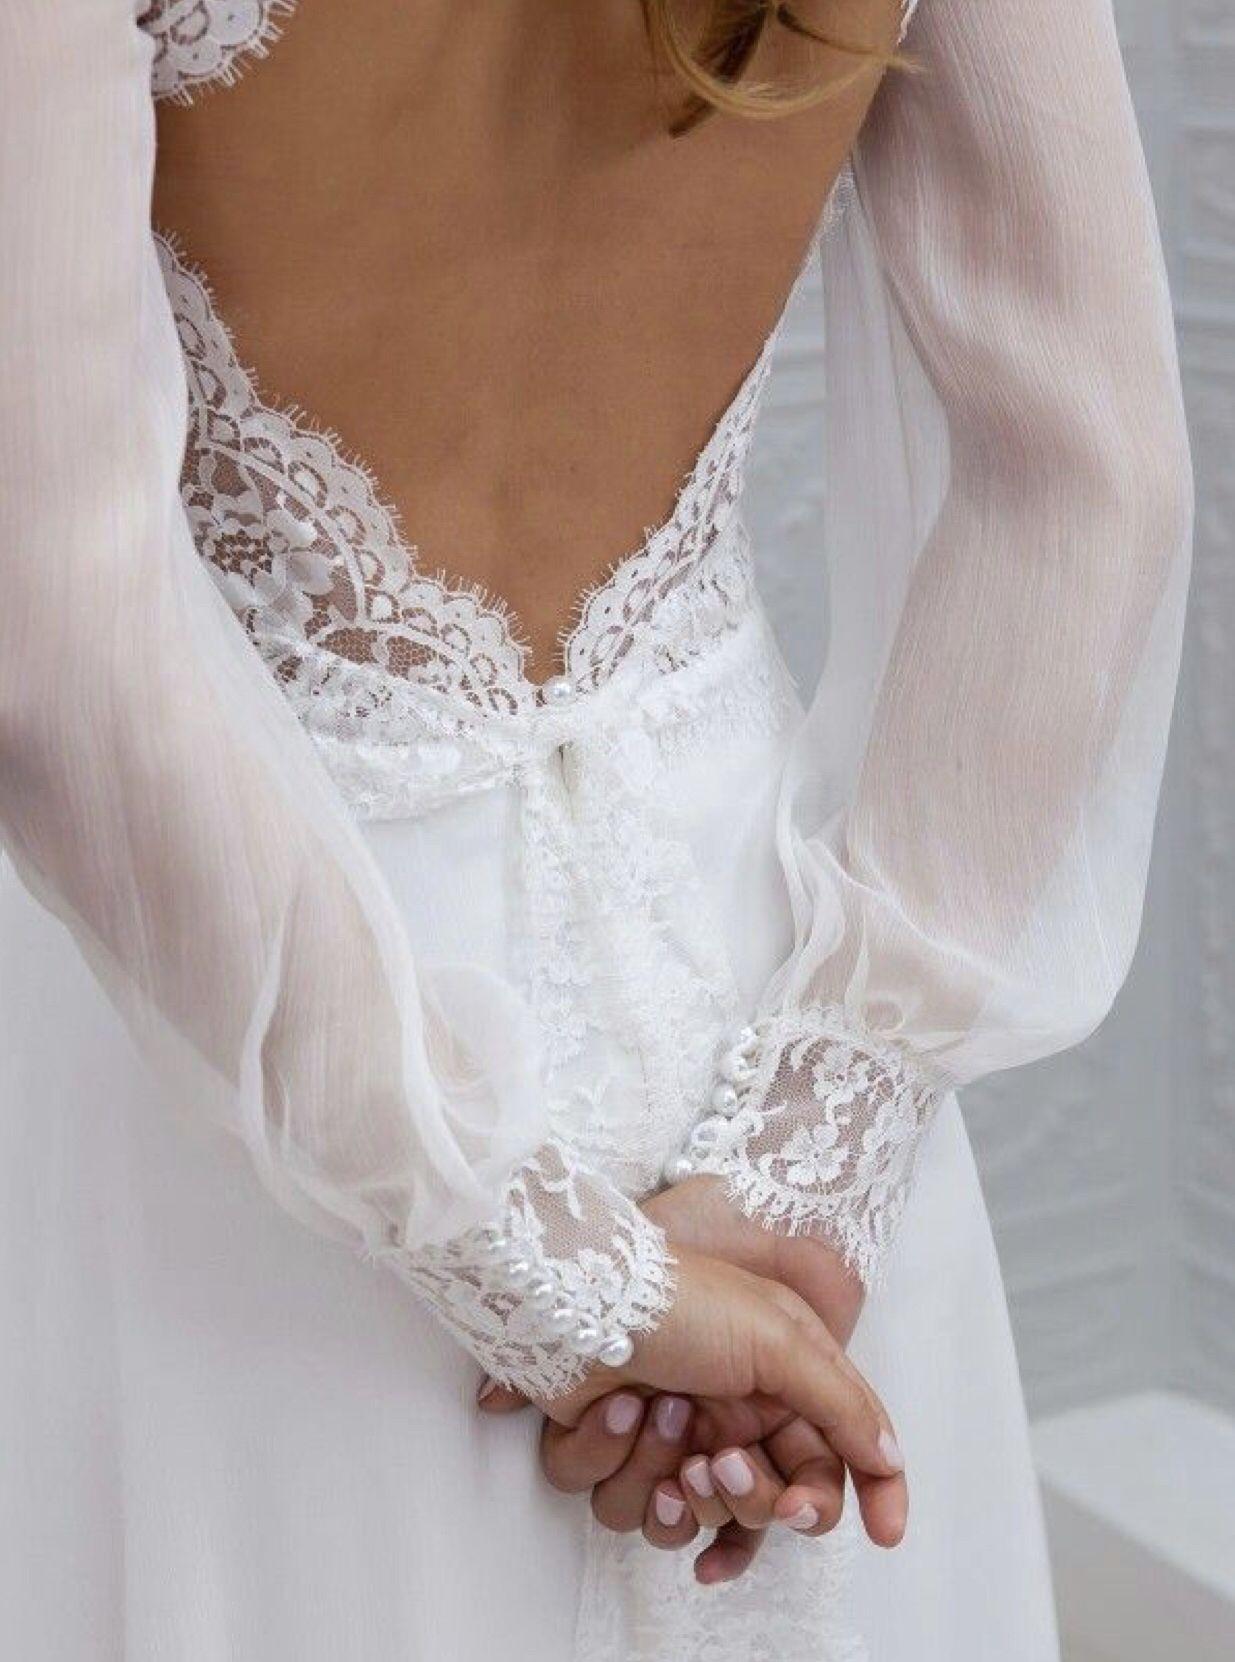 cec3c18bfc5c Wedding dress, boho bride, lace wedding dress, bridal gown, bride, wedding  inspiration, Hampshire, UK, UK wedding suppliers